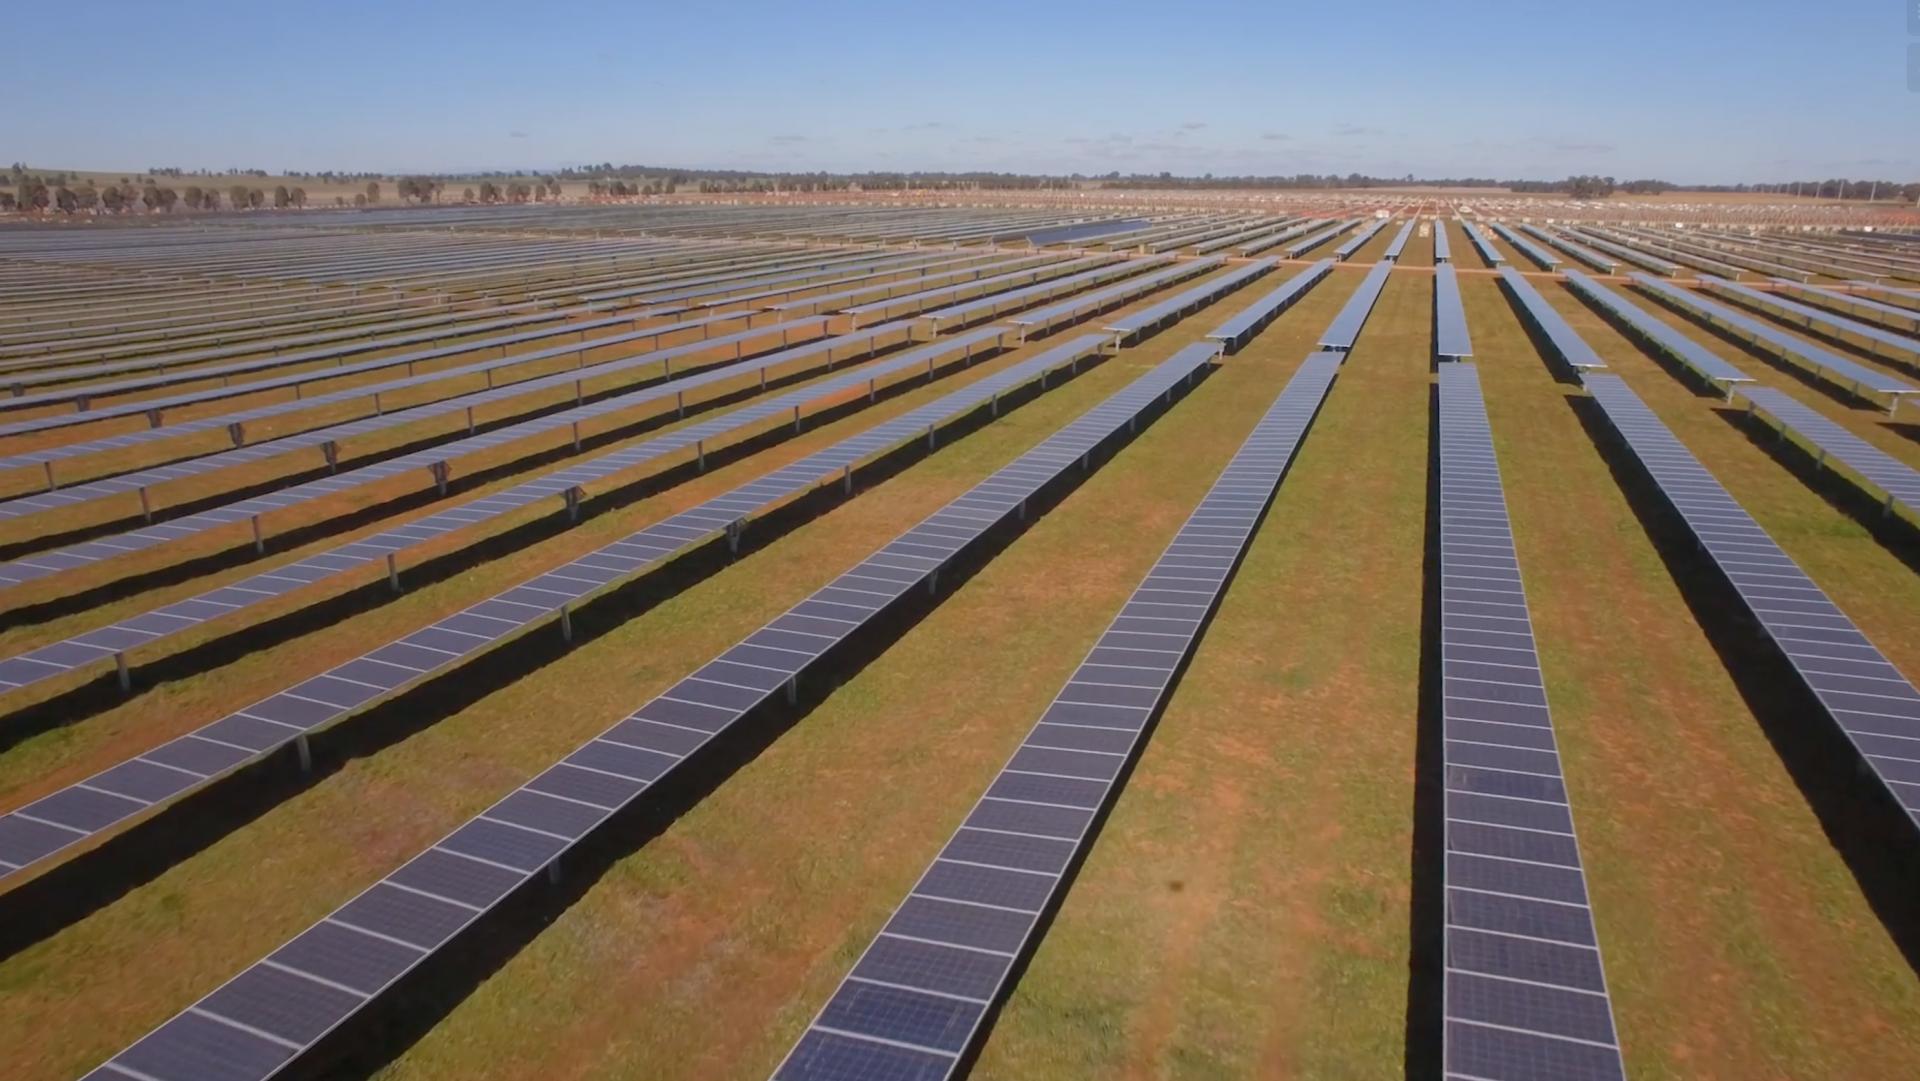 Parkes Solar Farm arial view